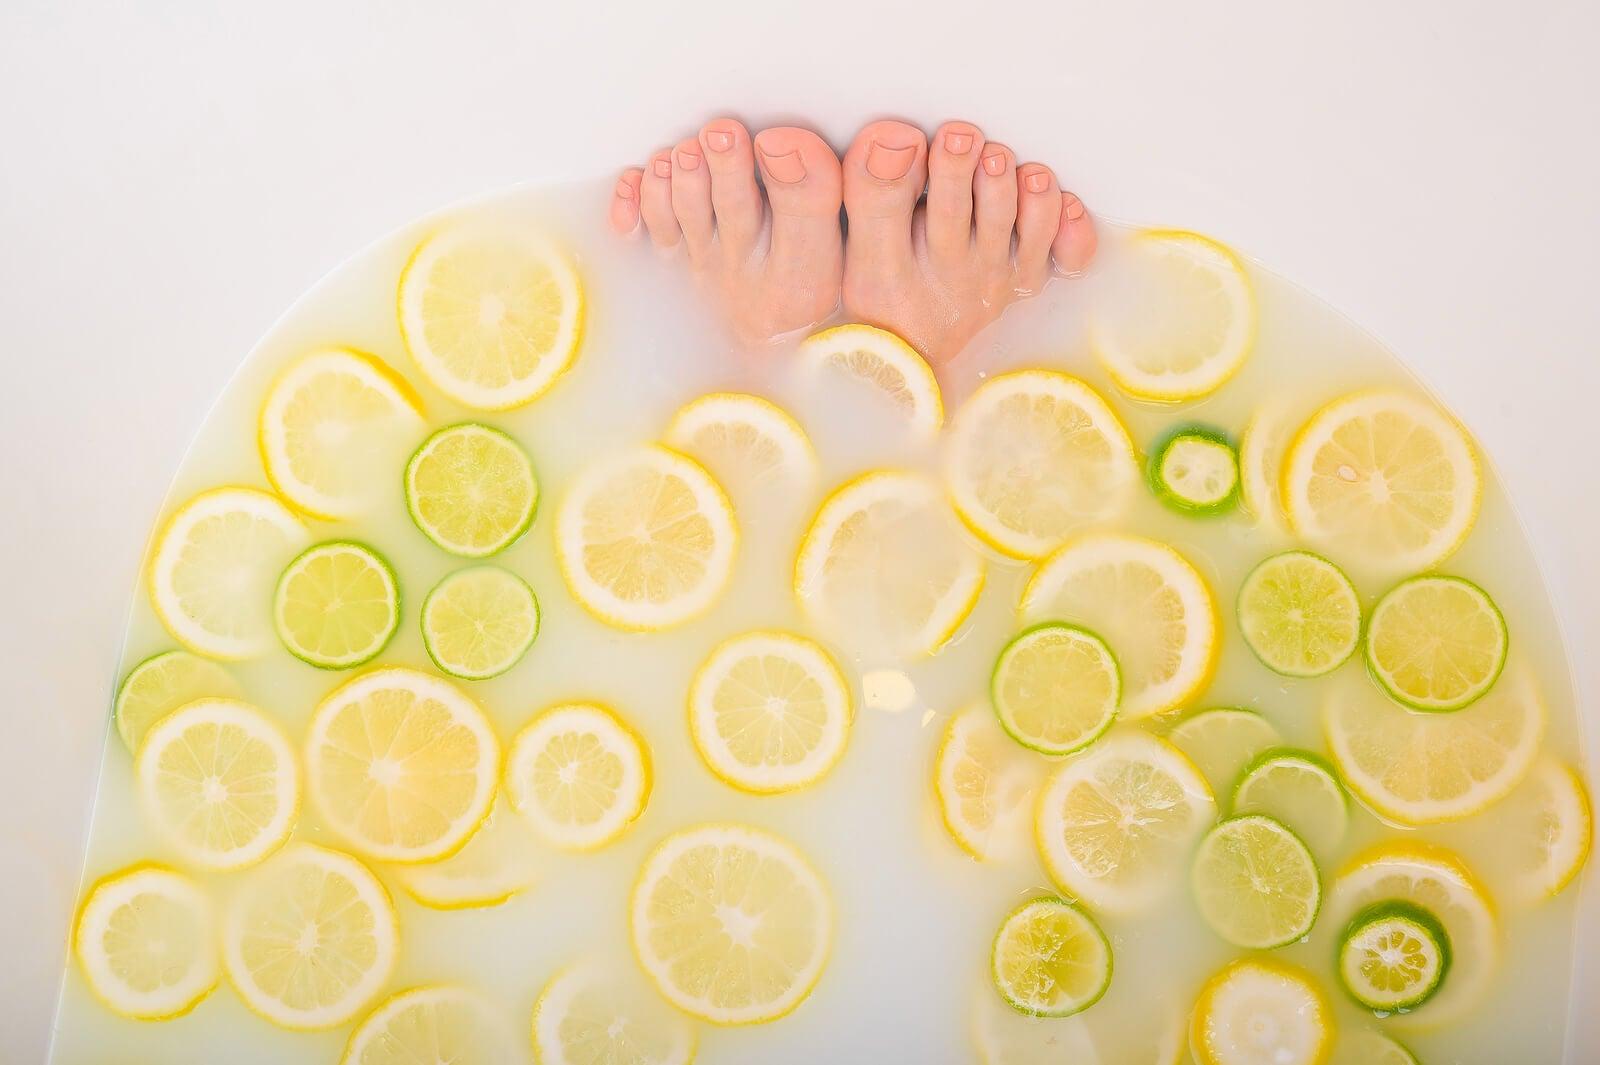 Baño para pies con glicerina y limón